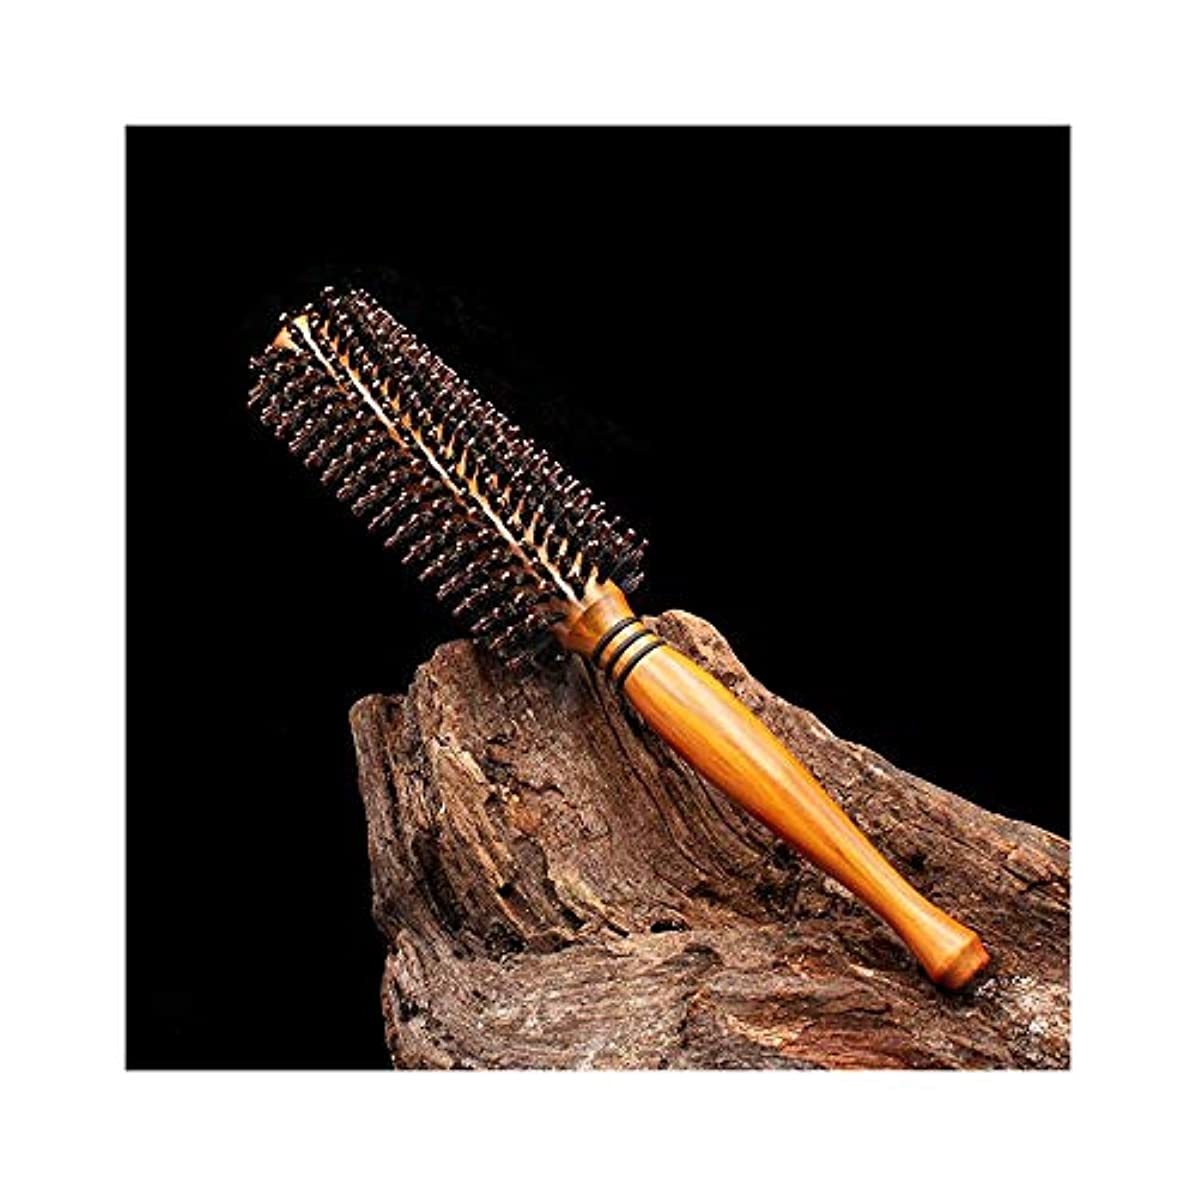 アサー口頭助けになるWASAIO ヘアブラシ木製ローリングコームブロー乾燥乾燥イノシシ毛コームラウンドヘアブラシ (Design : Twill, サイズ : M)